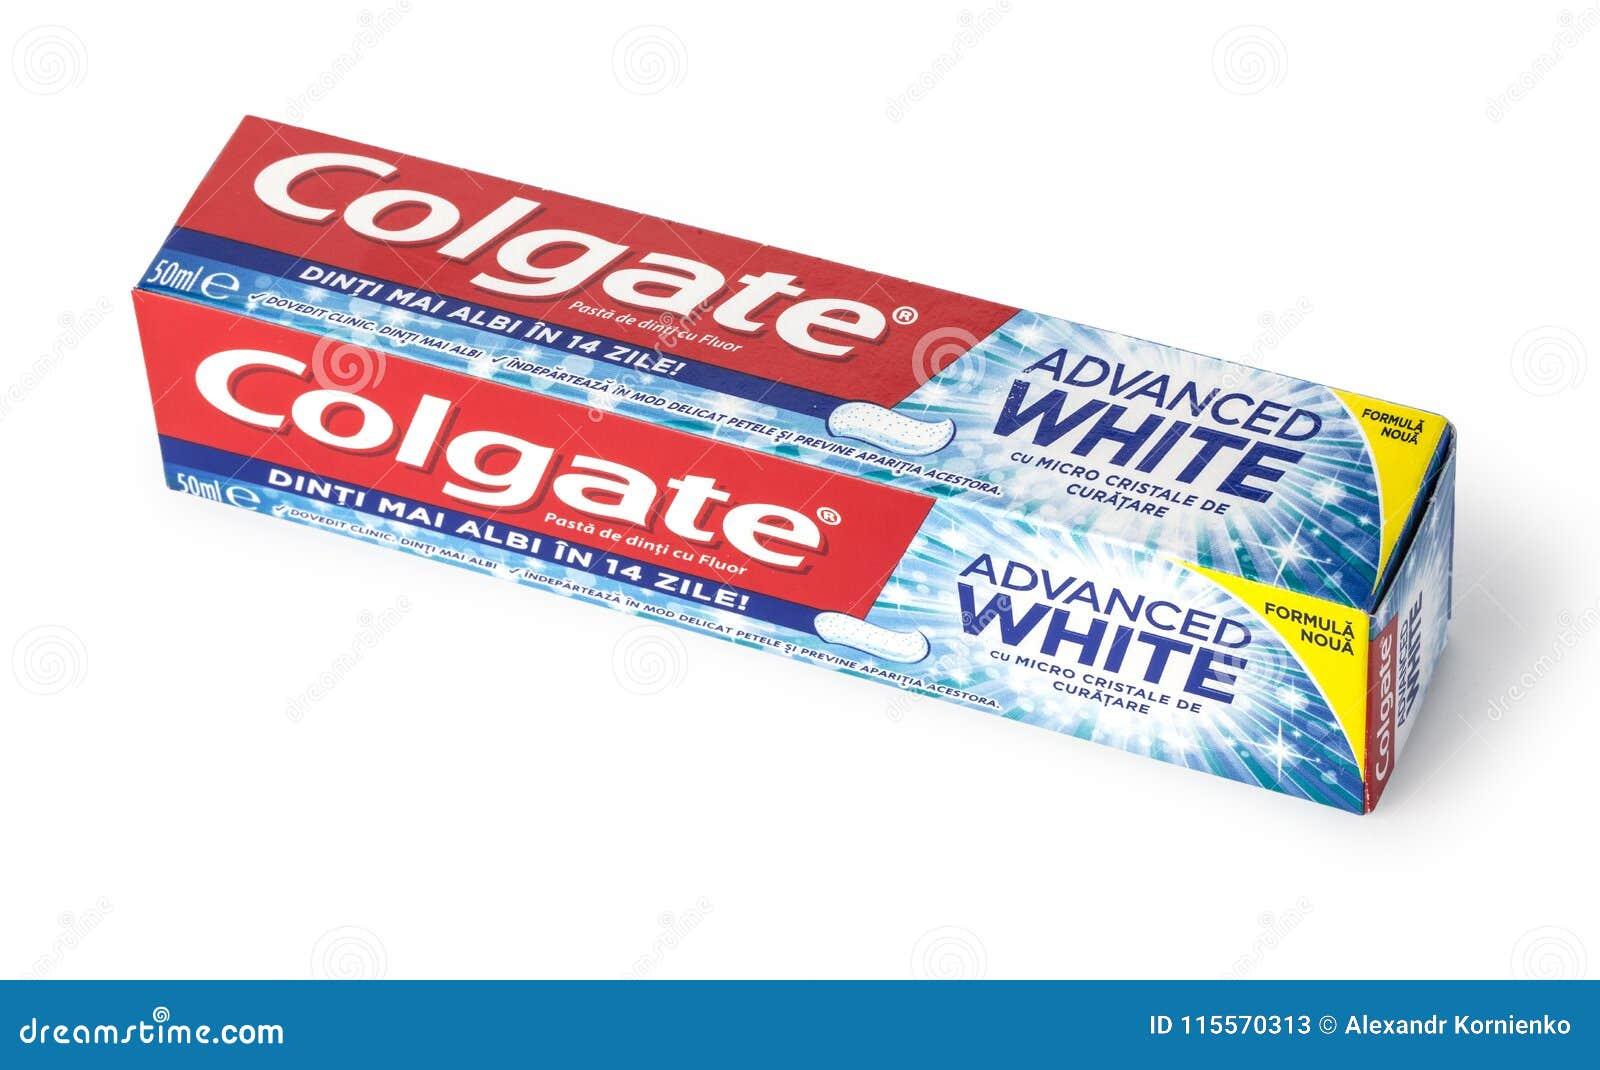 Colgate-Tandpasta, Geavanceerd die Sensatiewit, op wit wordt geïsoleerd